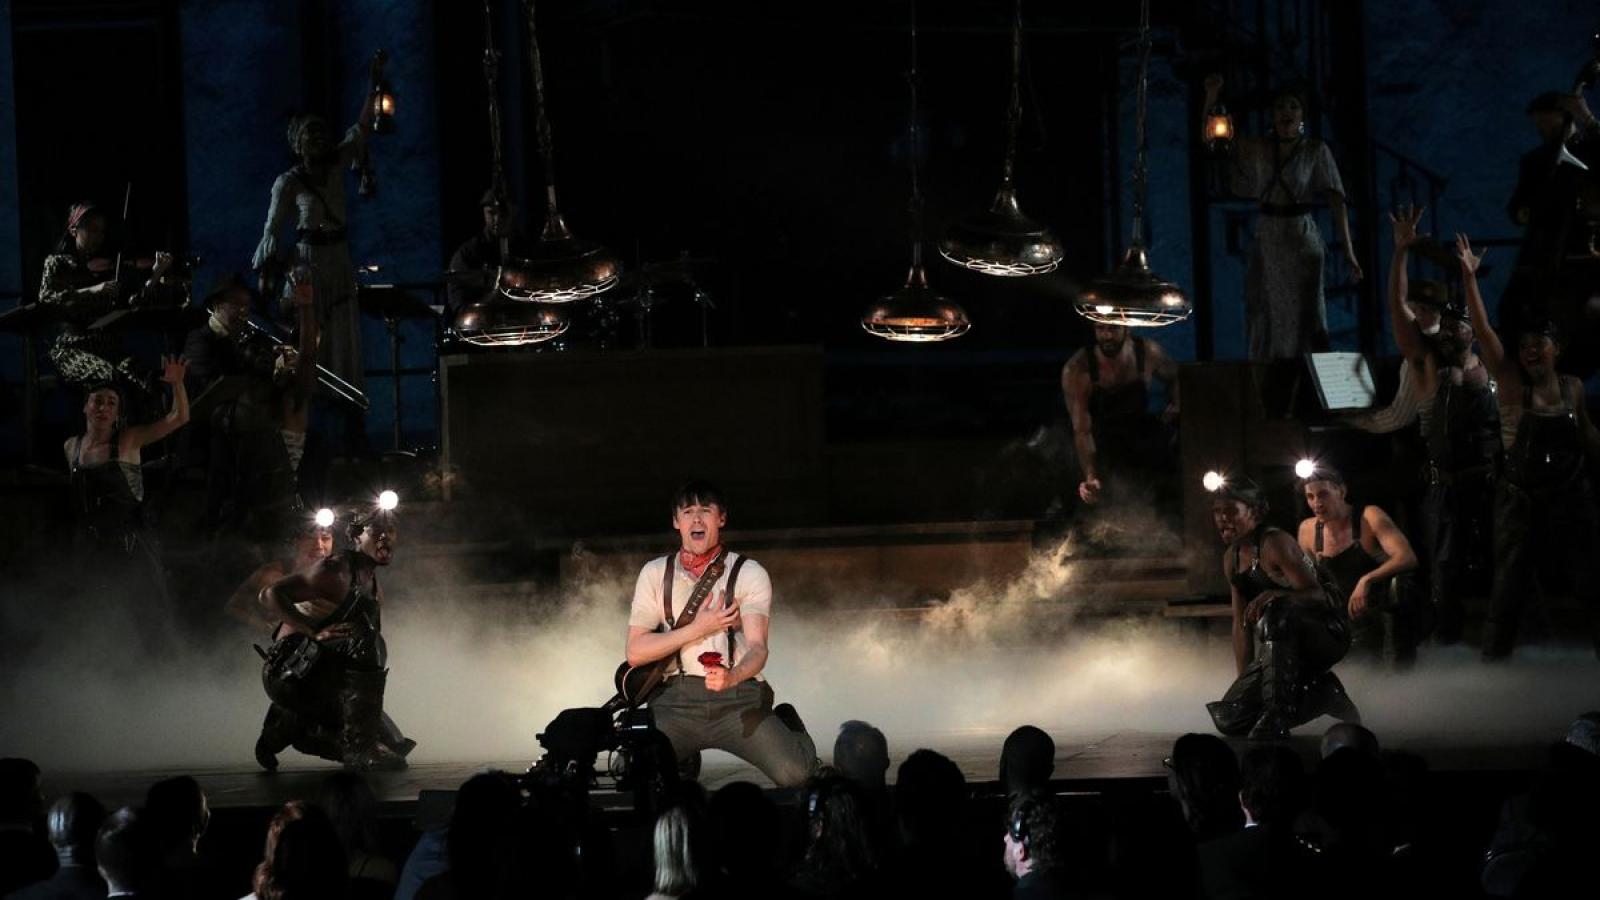 Nhạc kịch Broadway trở lại sau 18 tháng